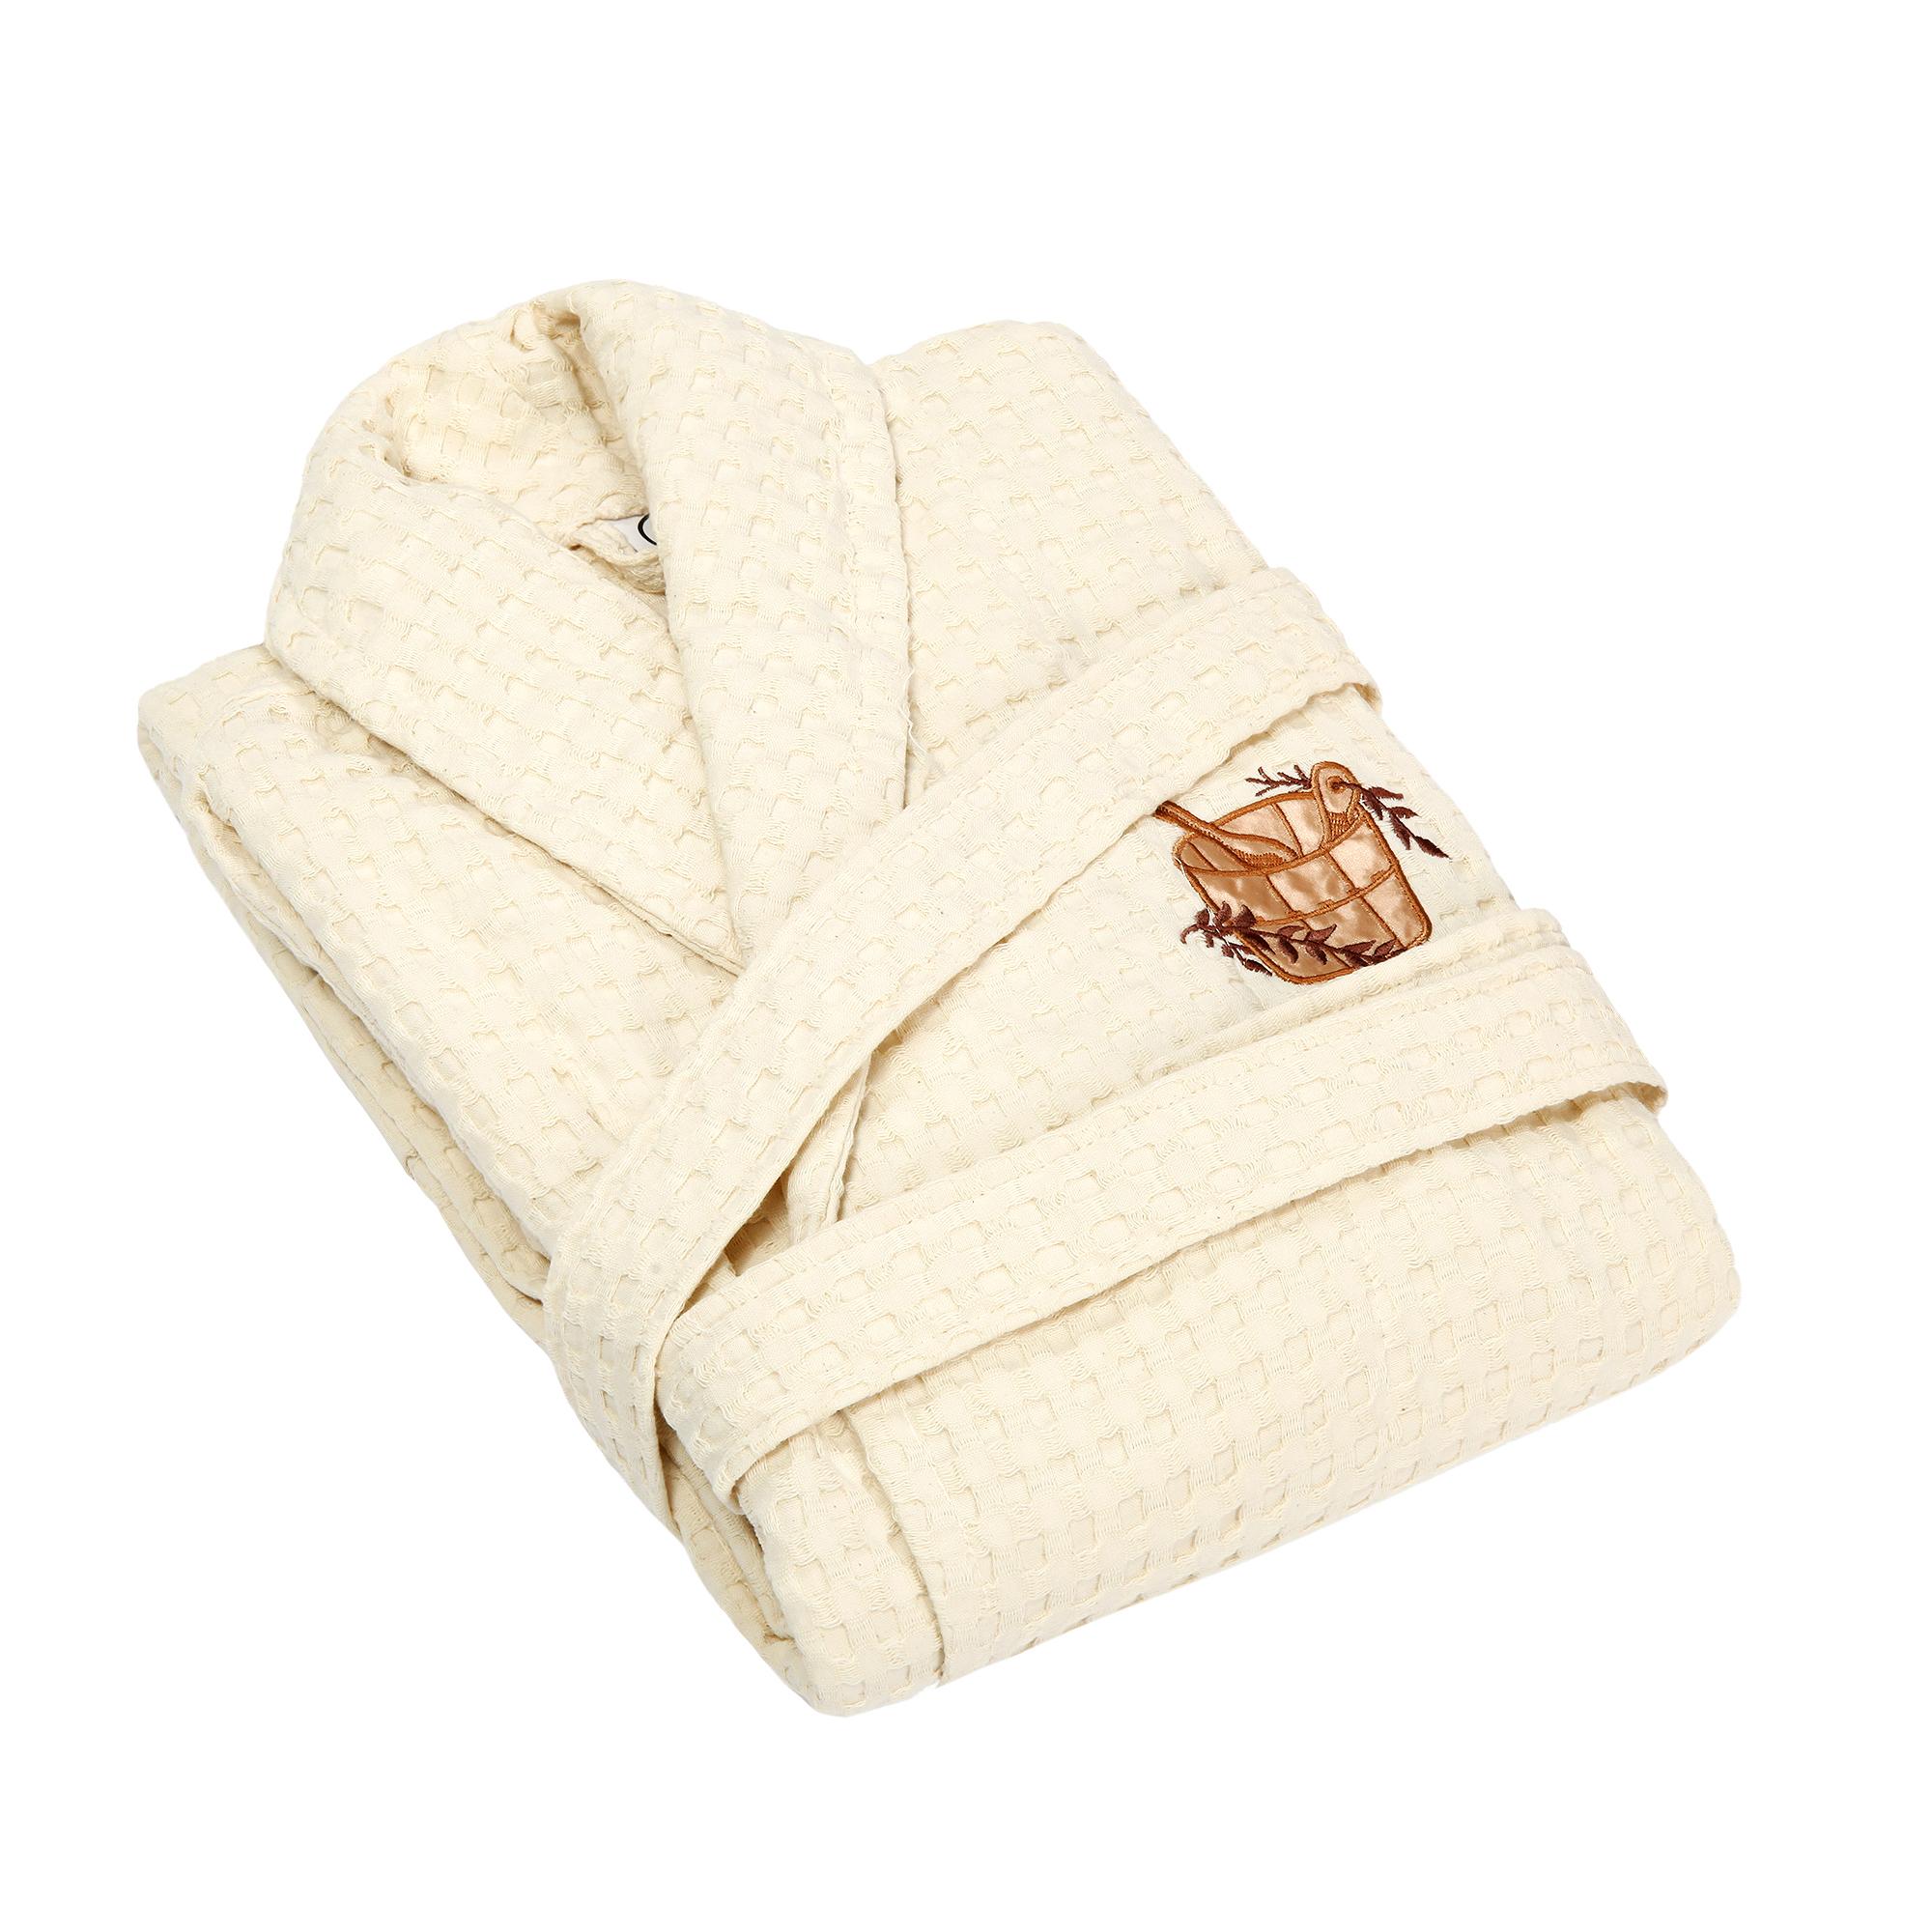 Халат женский Asil sauna beige xl вафельный с воротником